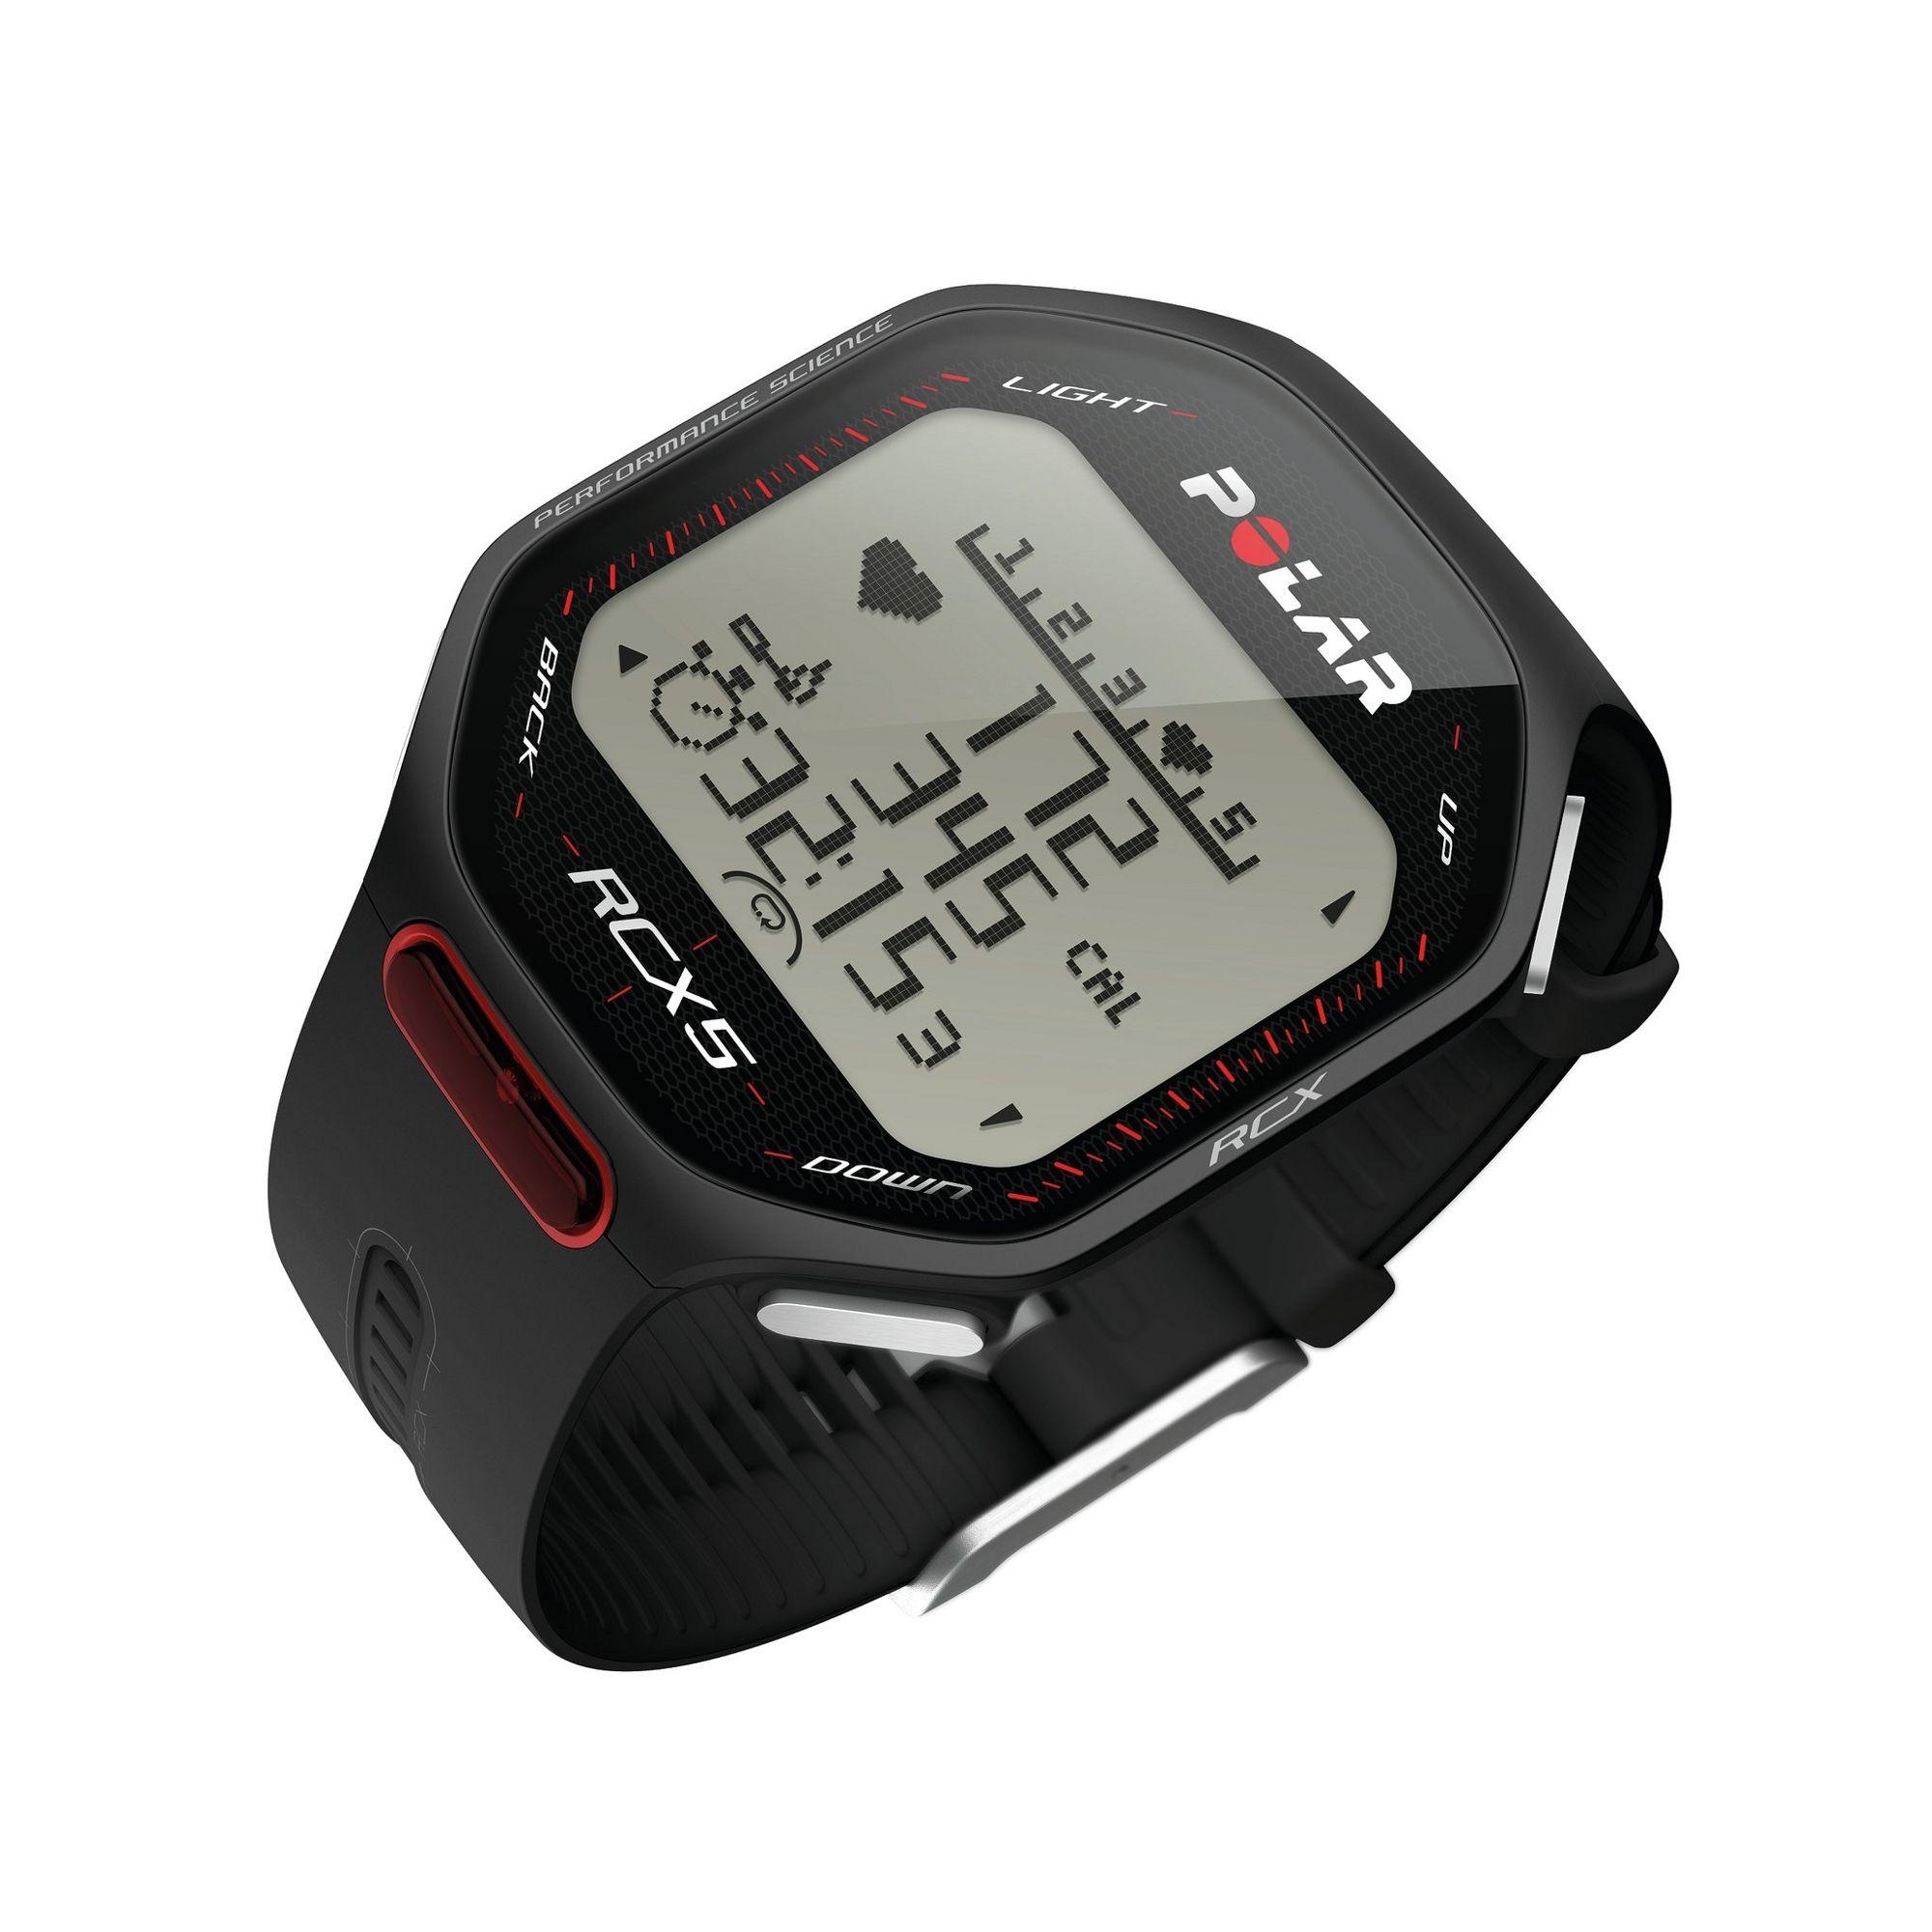 Polar RCX5 RUN Heart Rate Monitor